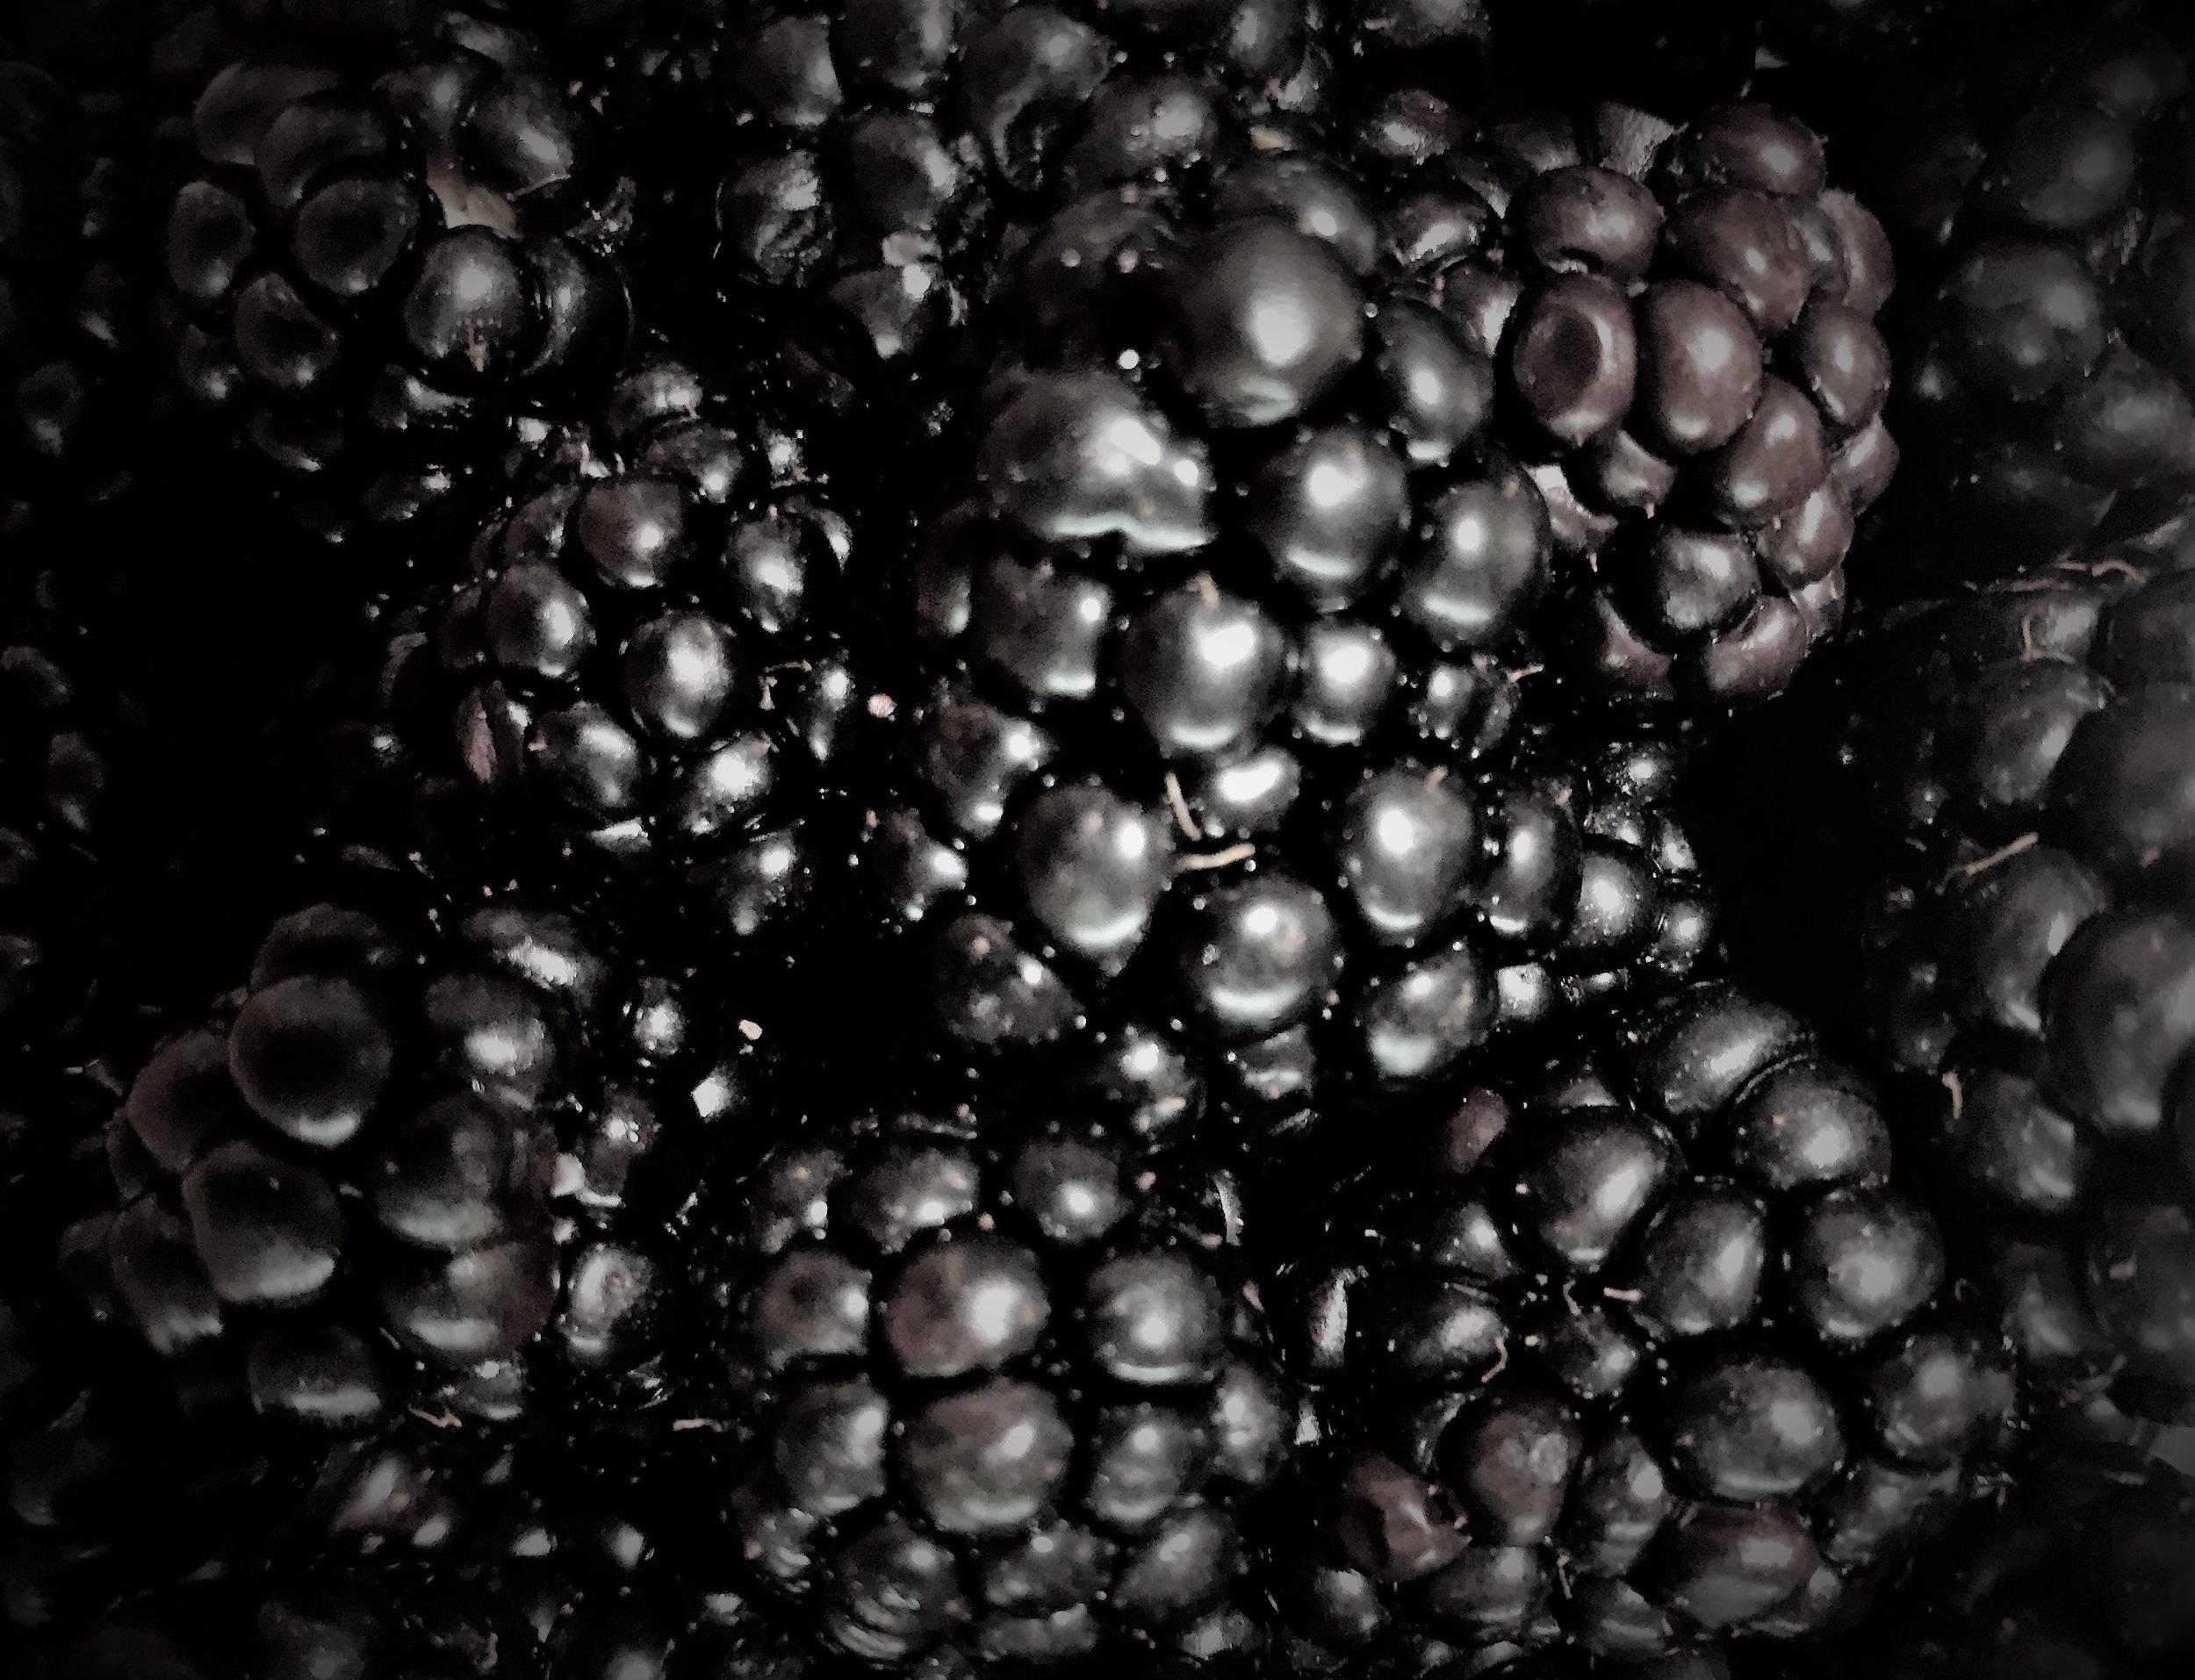 Always Fresh Blackberries